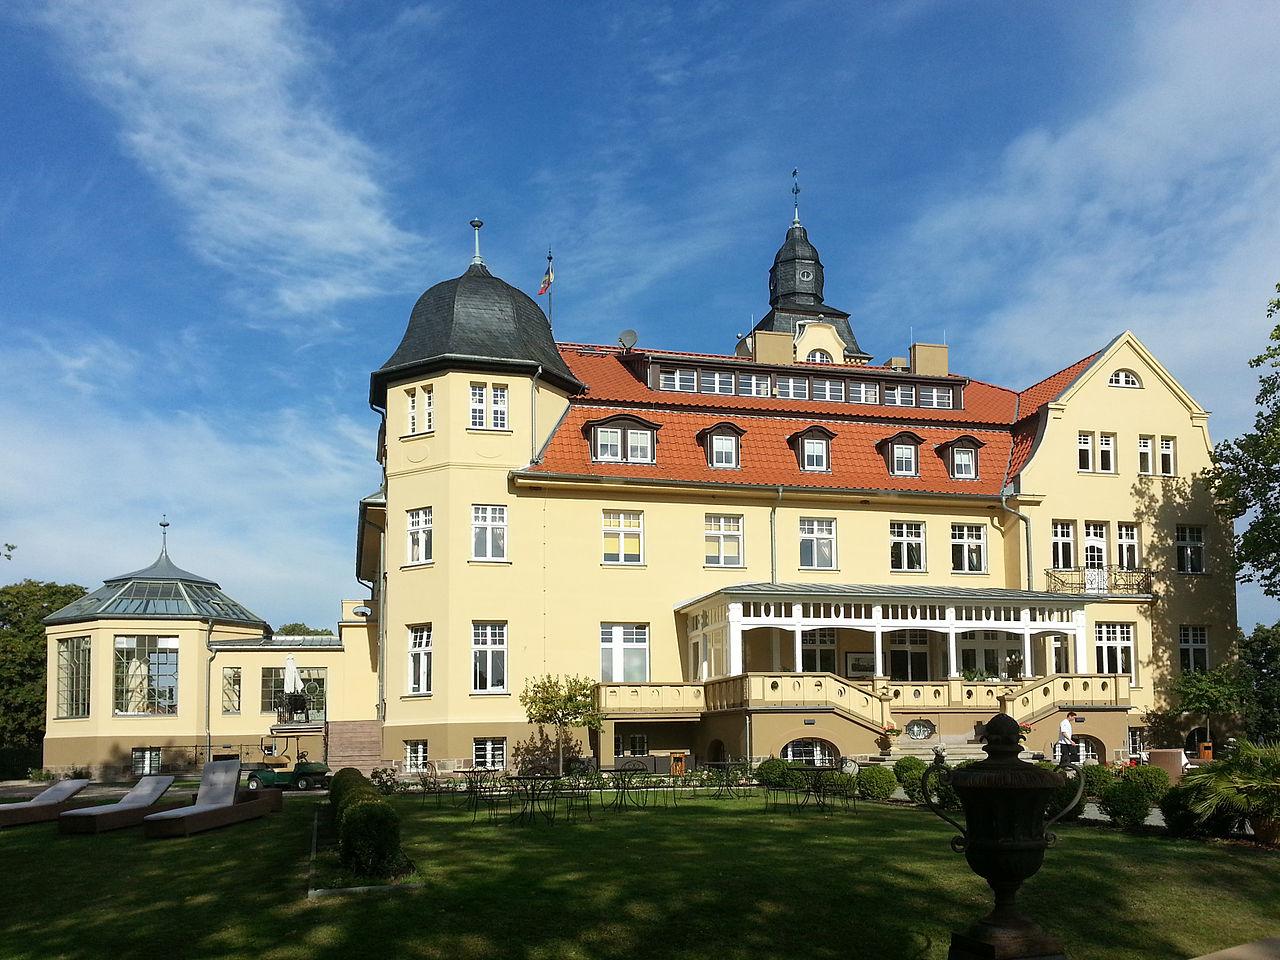 herrenhäuser in westmecklenburg | kulturreisen bildungsreisen ... - Herrenhaus 12 Jahrhundert Modernen Hotel